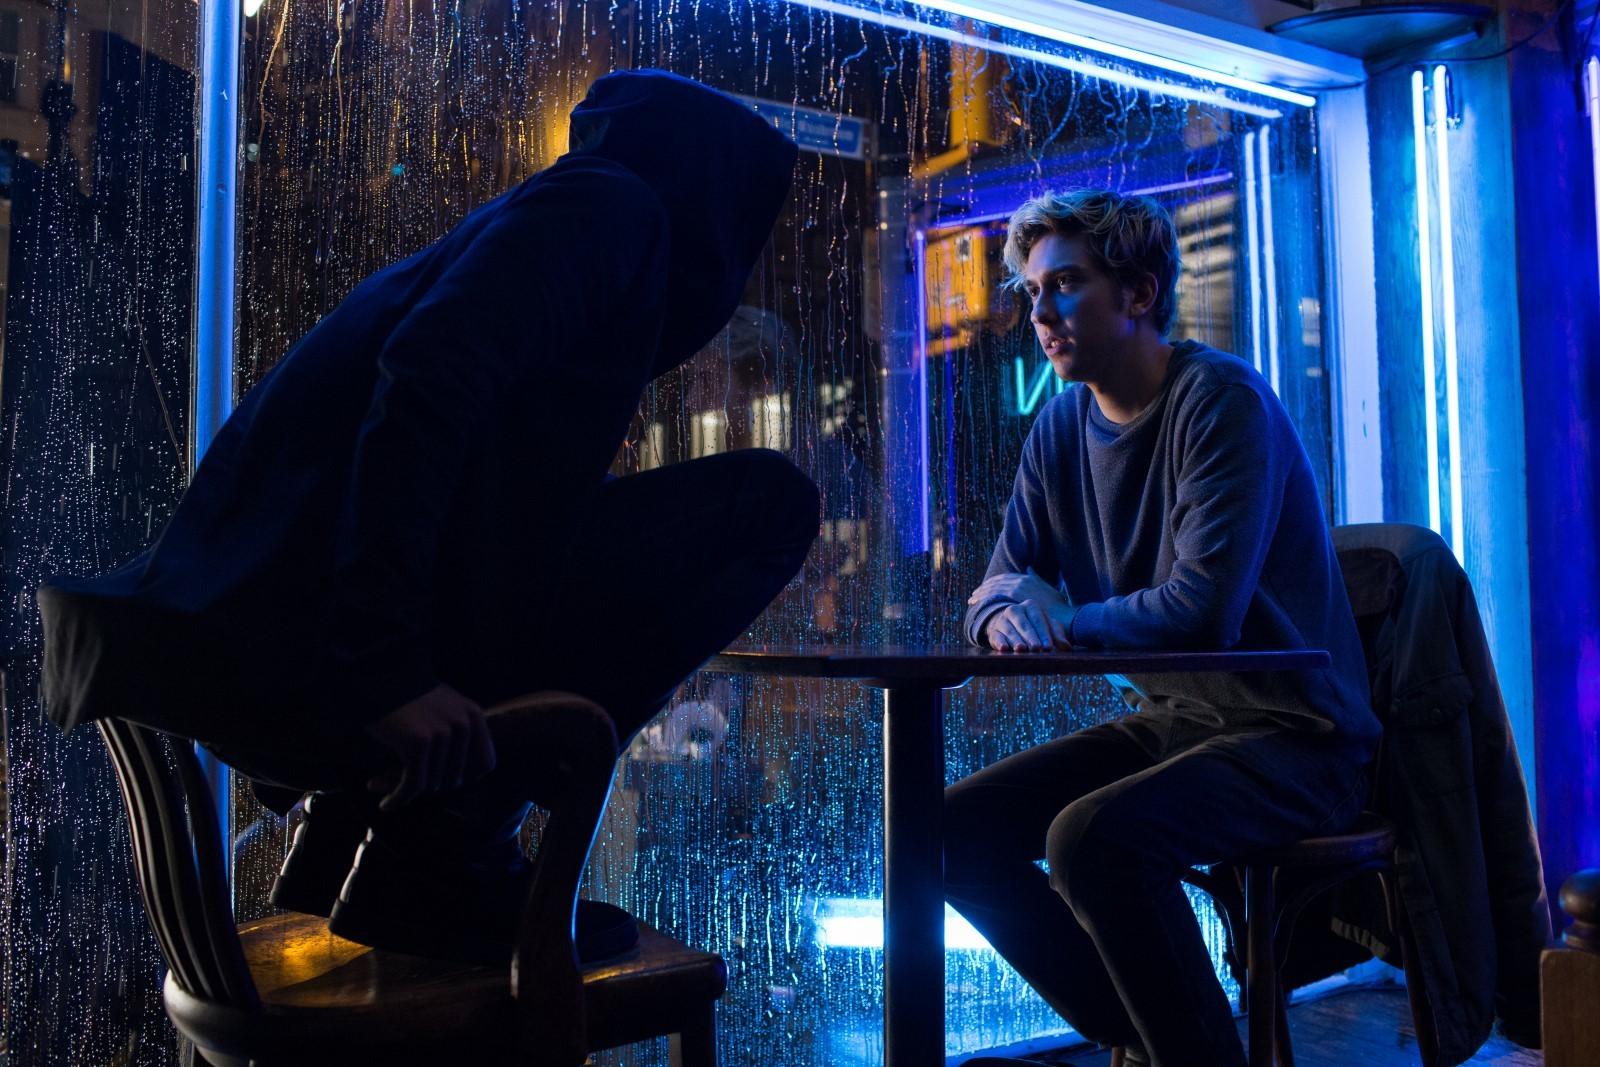 Ölüm Defteri Filmini Tek Part İndir Ekran Görüntüsü 2